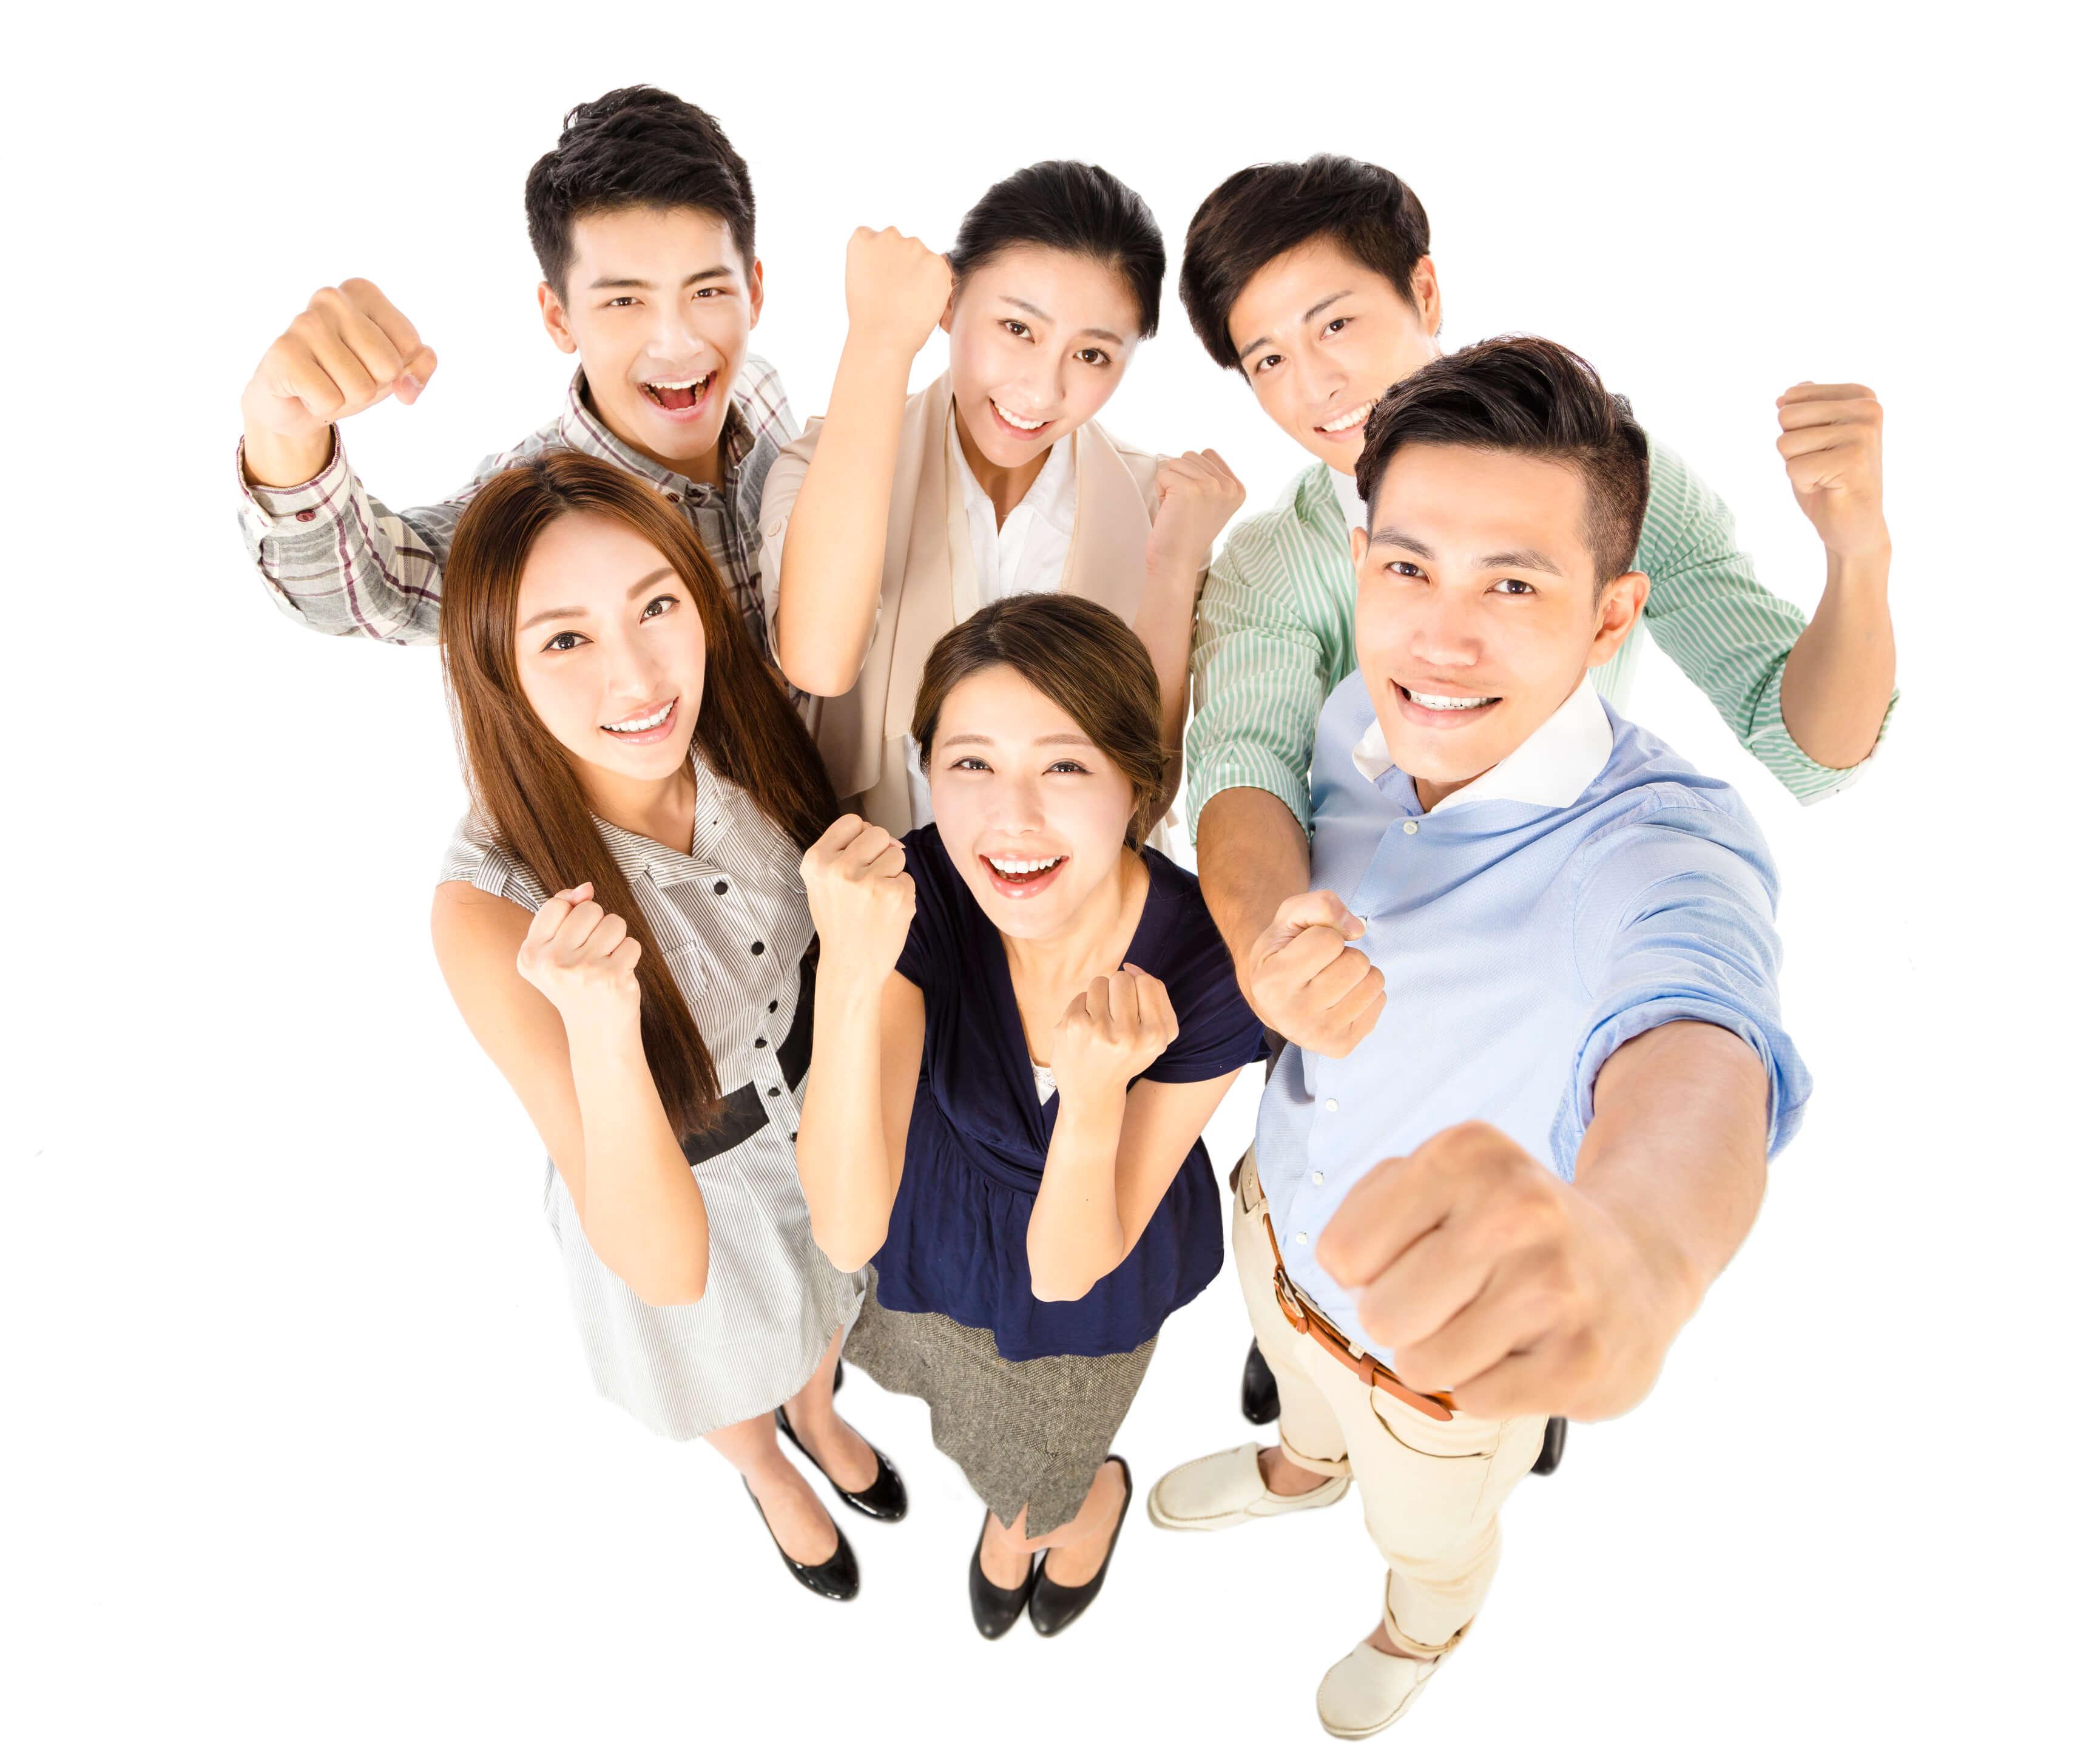 【ミャンマー語・社会人経験歓迎】人材派遣会社のミャンマー進出リーダー候補募集